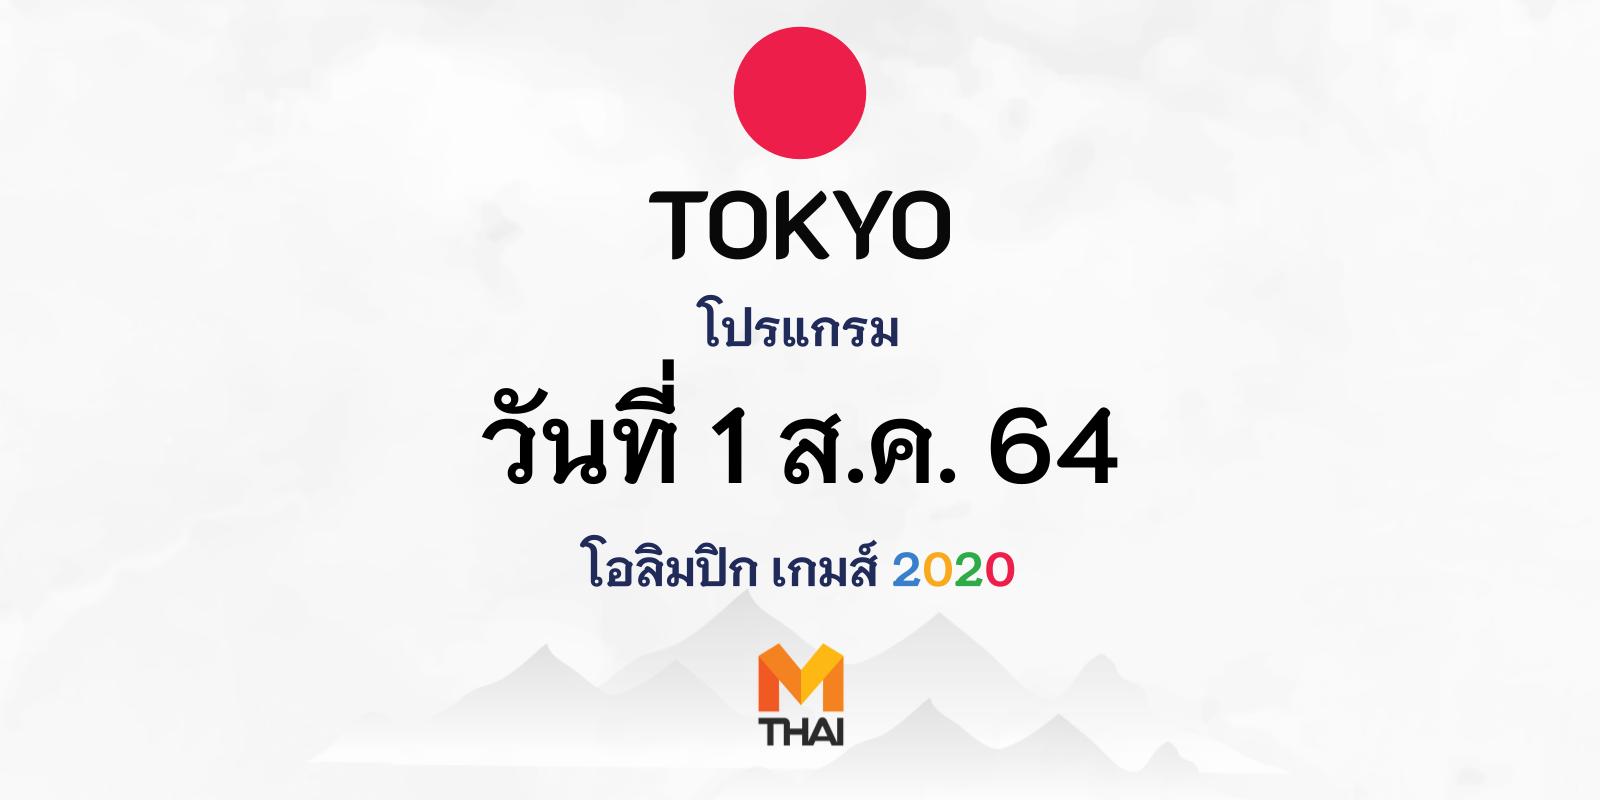 1 ส.ค. 64 โปรแกรมถ่ายทอดสดโอลิมปิกเกมส์ โตเกียว 2020